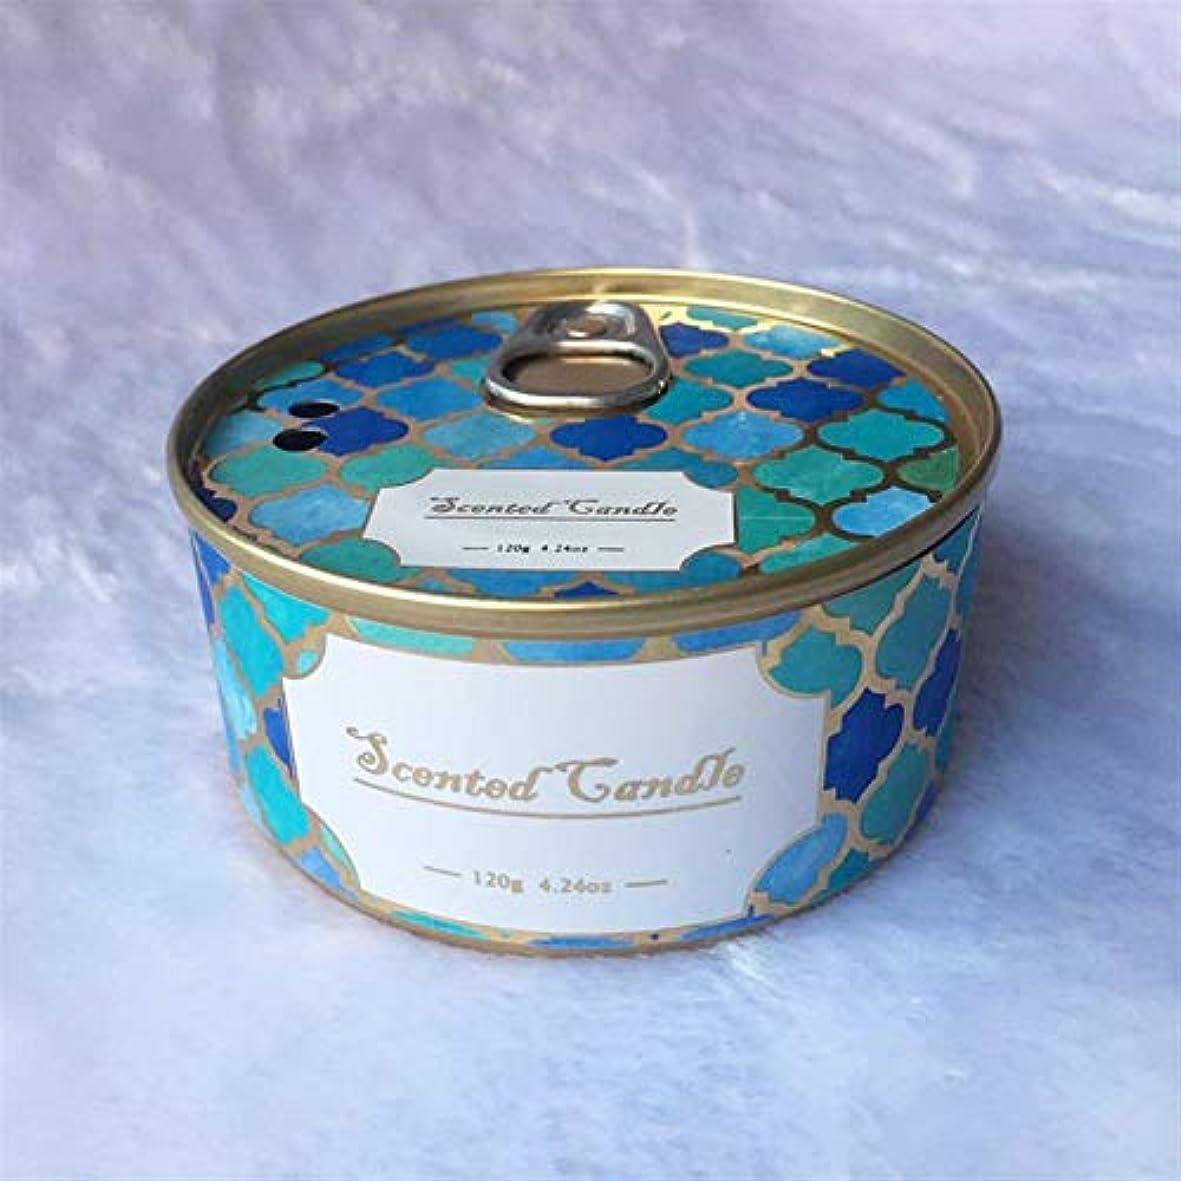 不名誉なかび臭い納税者Ztian ブリキ缶植物エッセンシャルオイルハイエンドギフト大豆ワックスモスオーキッド香りのキャンドル (色 : Moss)